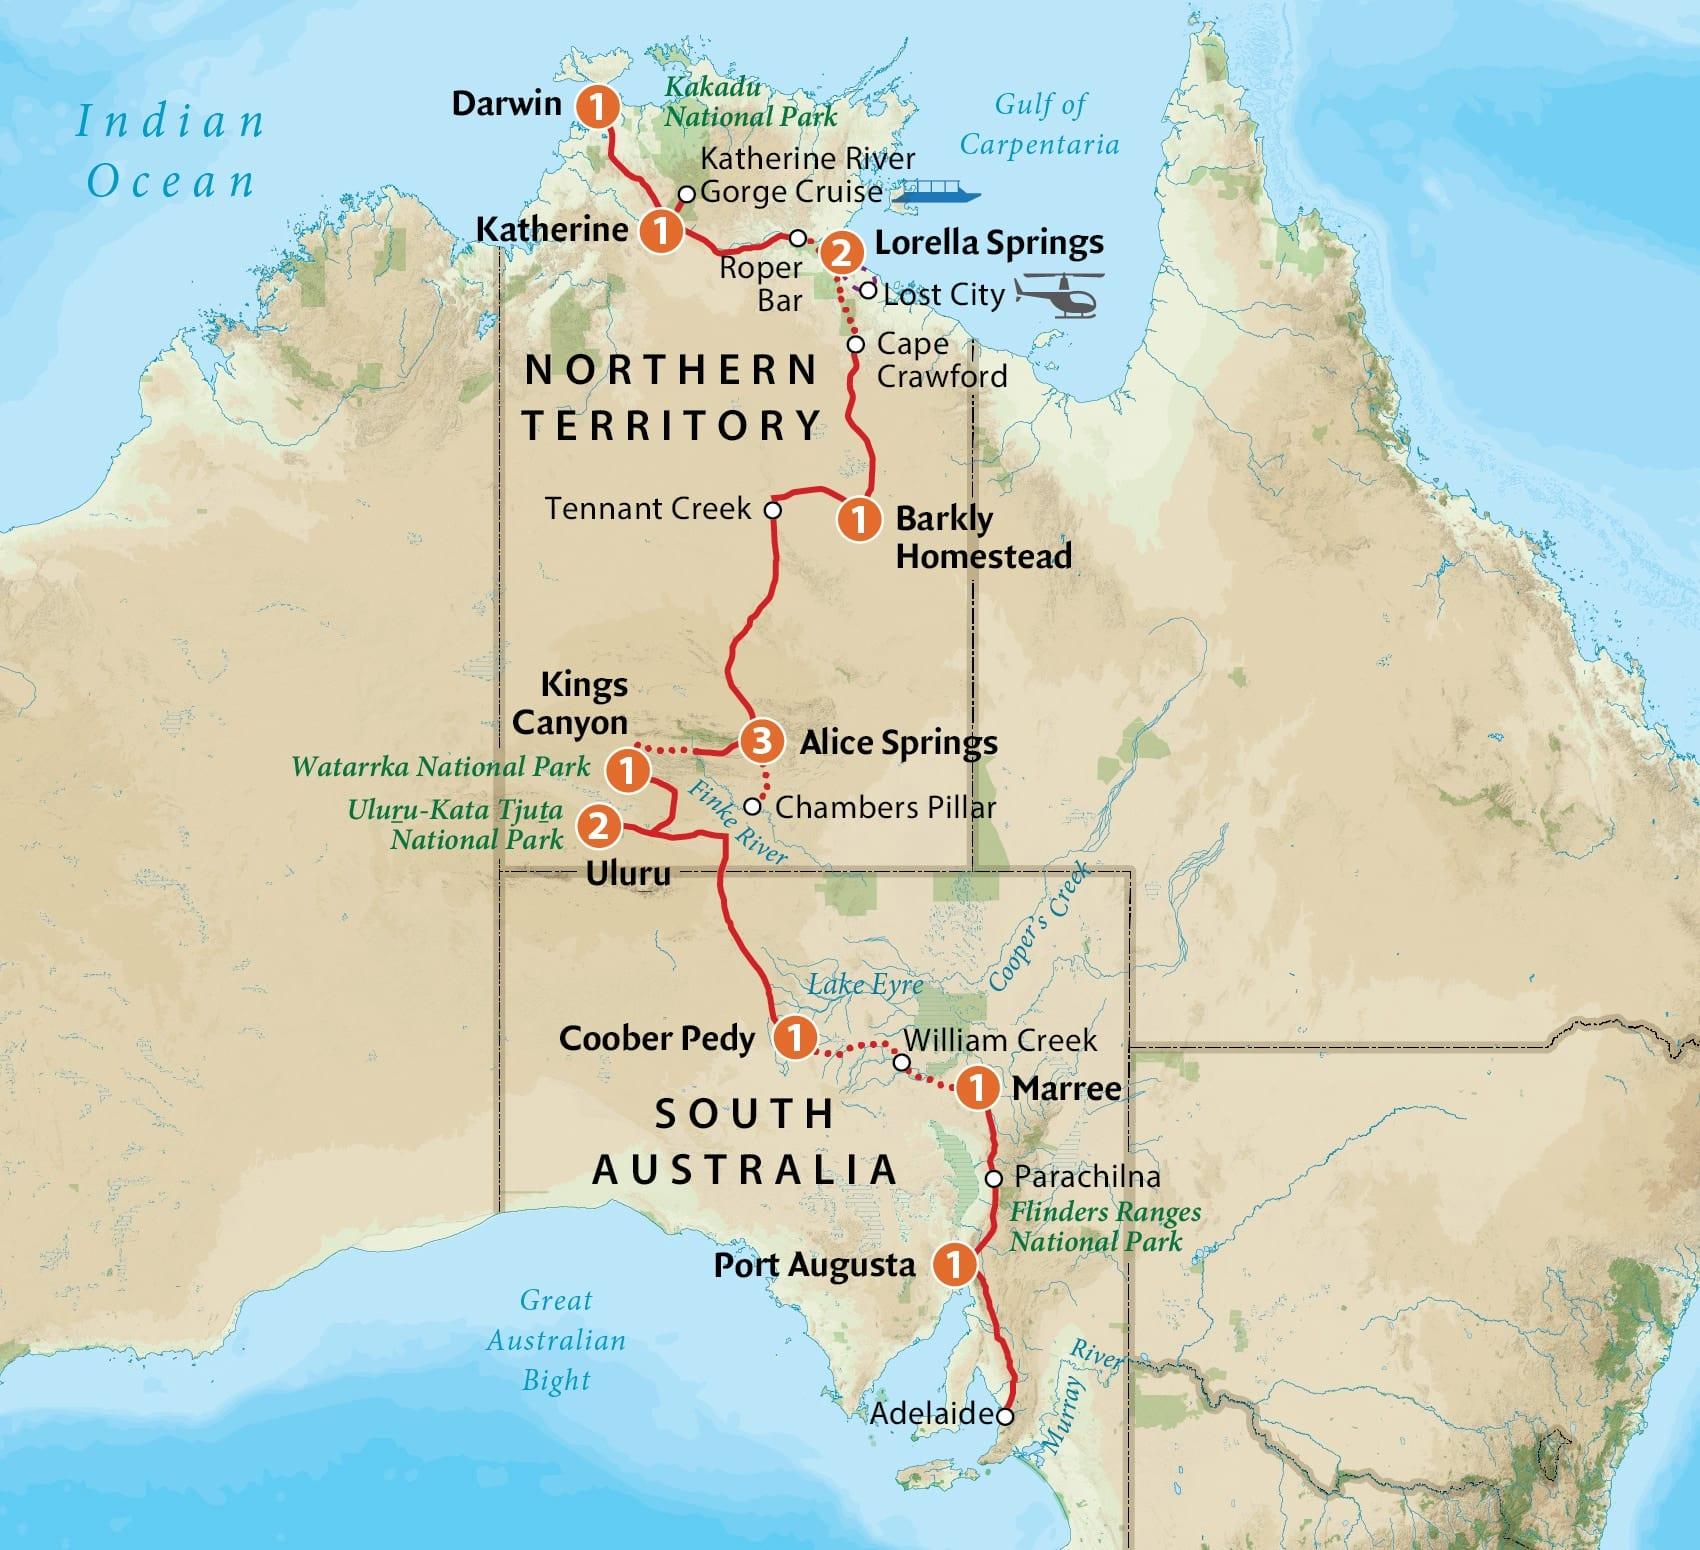 Australia Tour Map.Central Australia Tour 2019 Outback Spirit Tours